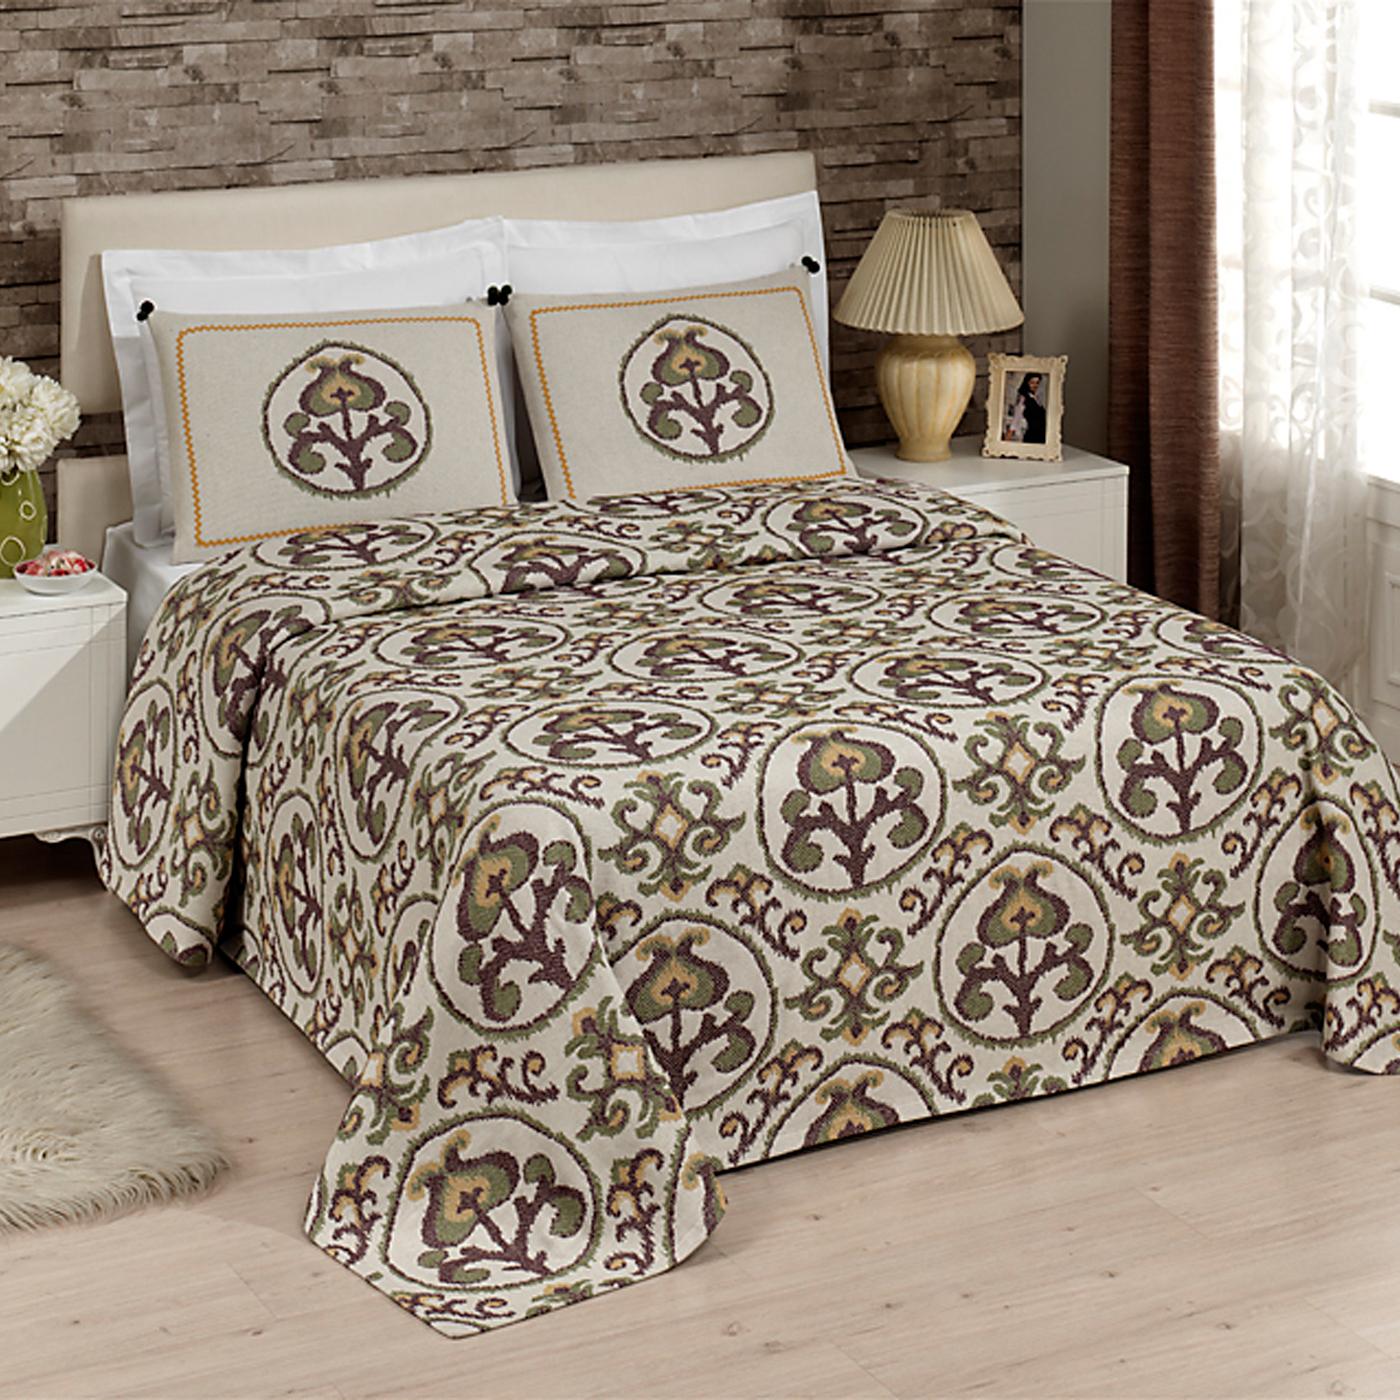 Купить Комплект постельного белья Floral Euro (покрывало + наволочки), inmyroom, Турция